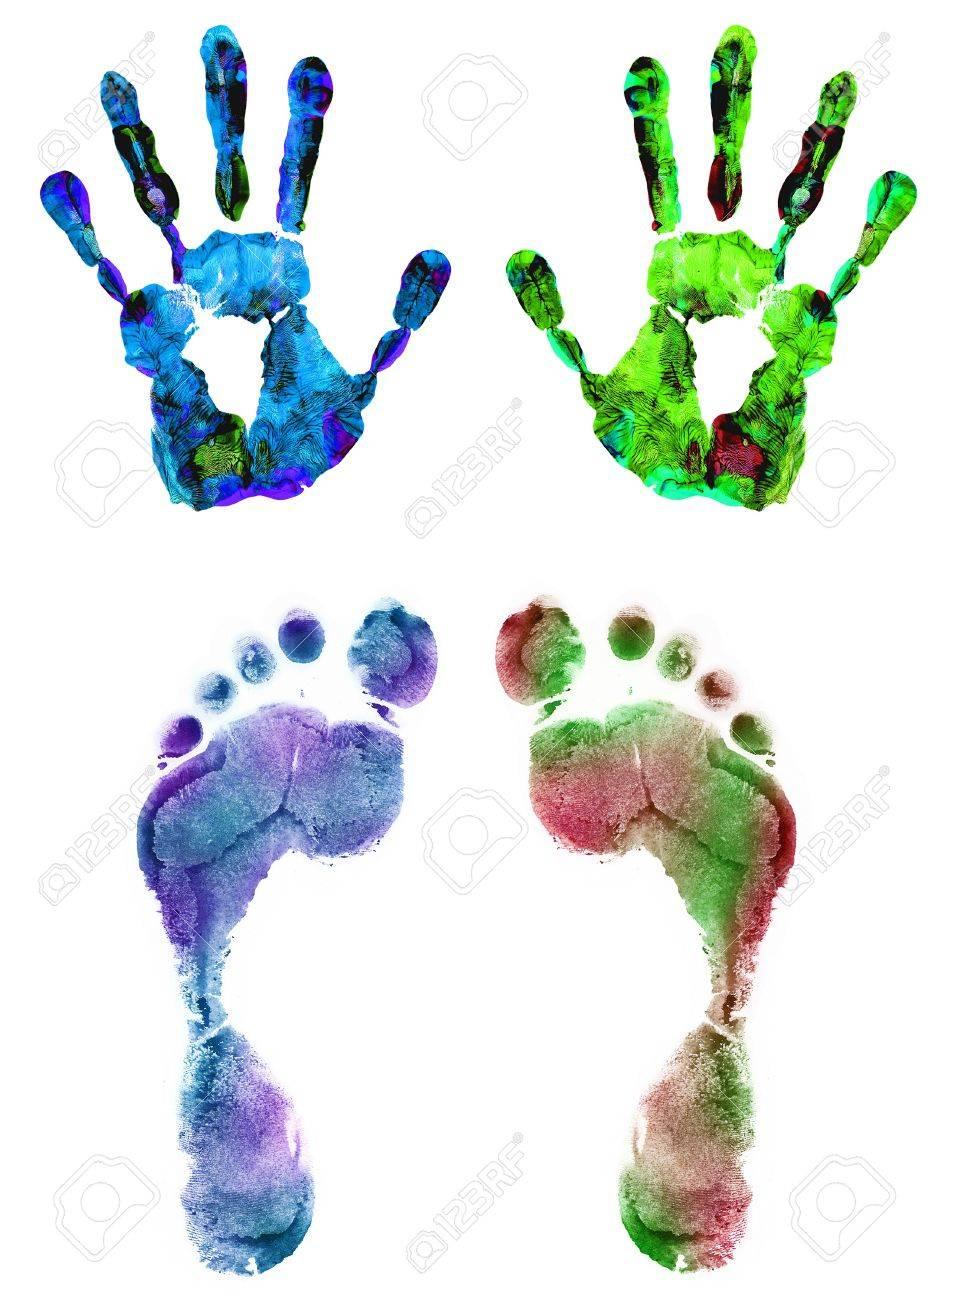 Farbe Hand Und Fußabdrücke Auf Weiß Isoliert Lizenzfreie Fotos